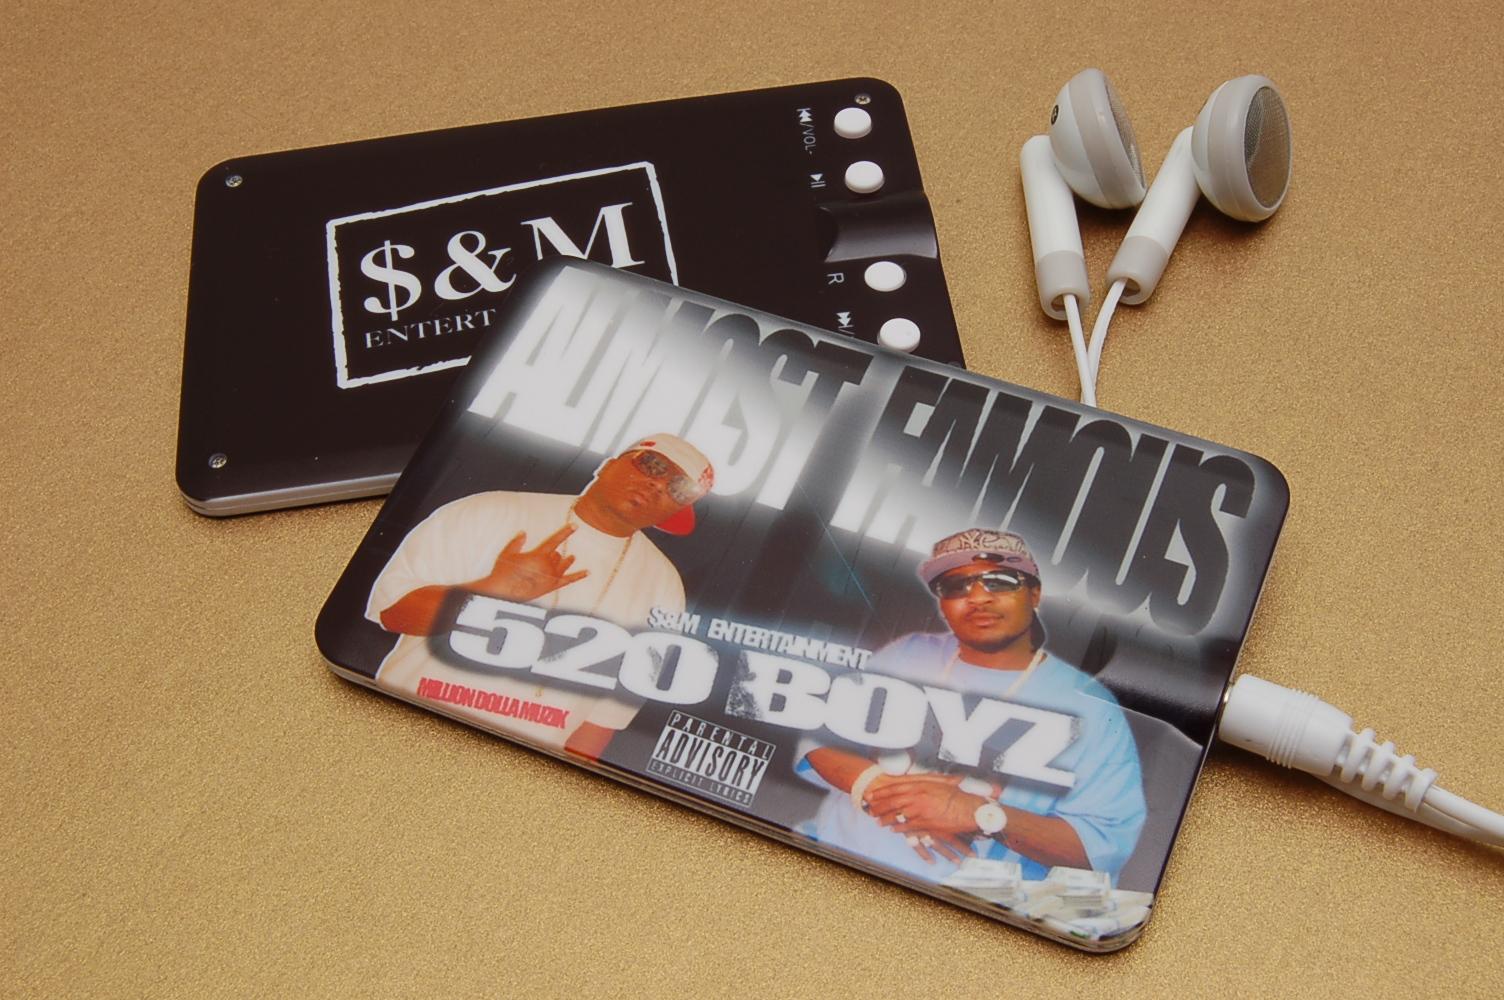 520 Boyz MP3 Player